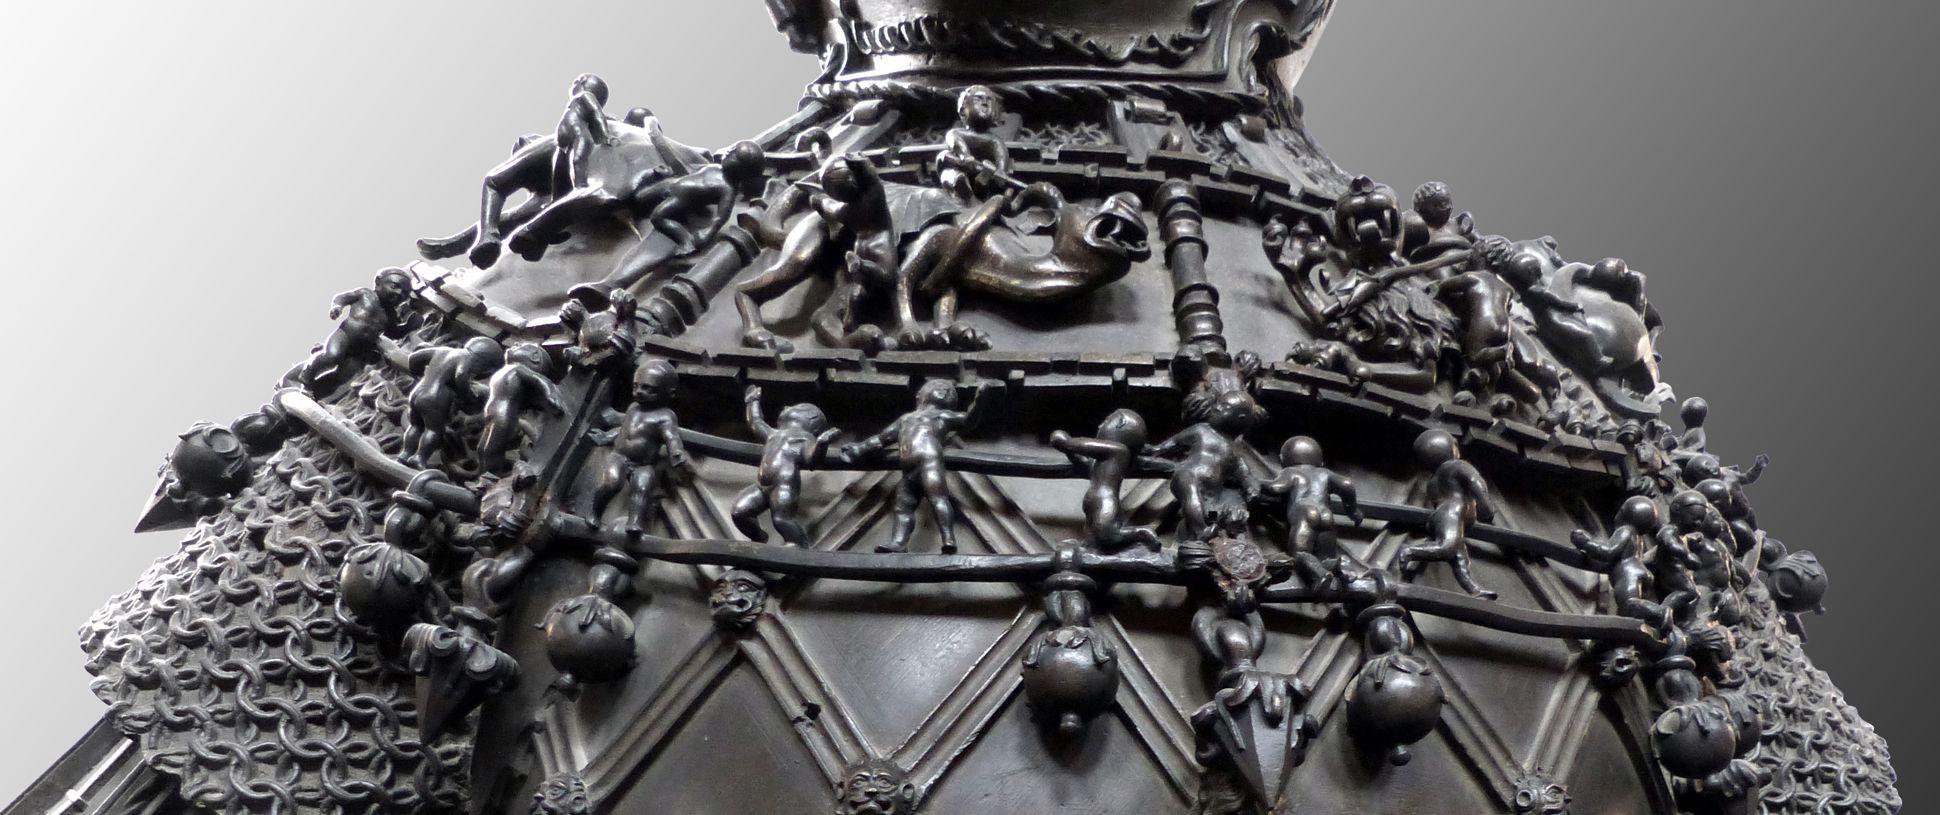 Ferdinand von Portugal (Innsbruck) Kette mit Amoretten und Reliefs mit auf Fabelwesen reitenden Knaben